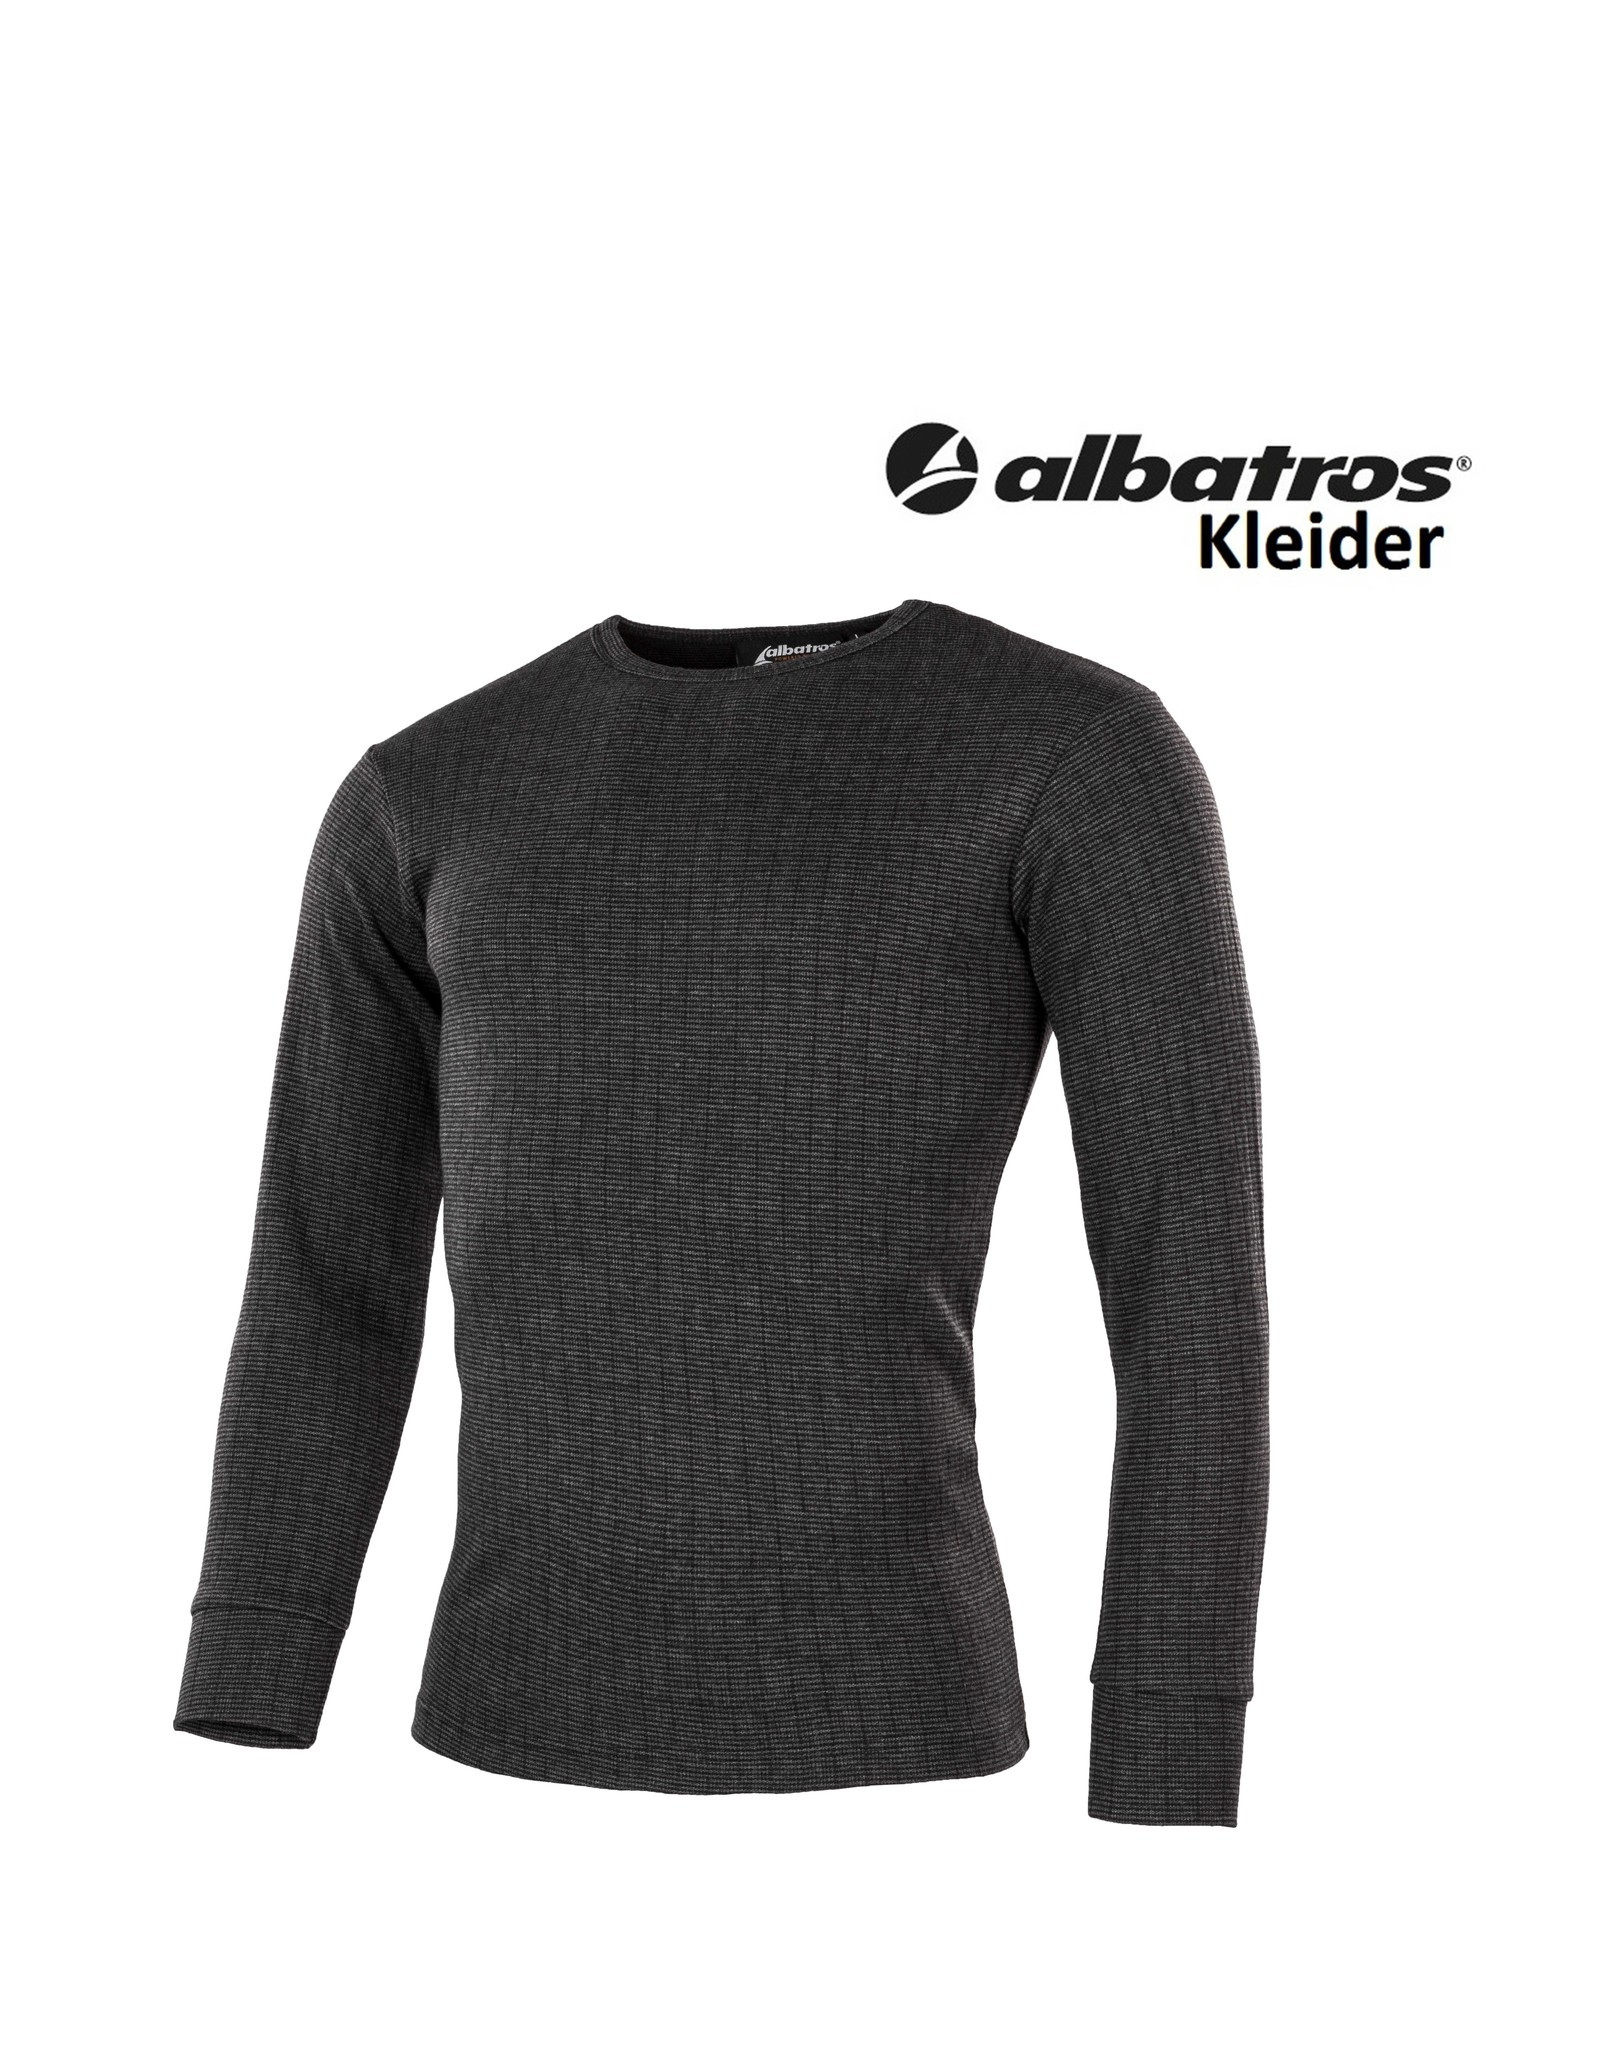 Albatros Kleider Albatros, Thermowäsche, Shirt